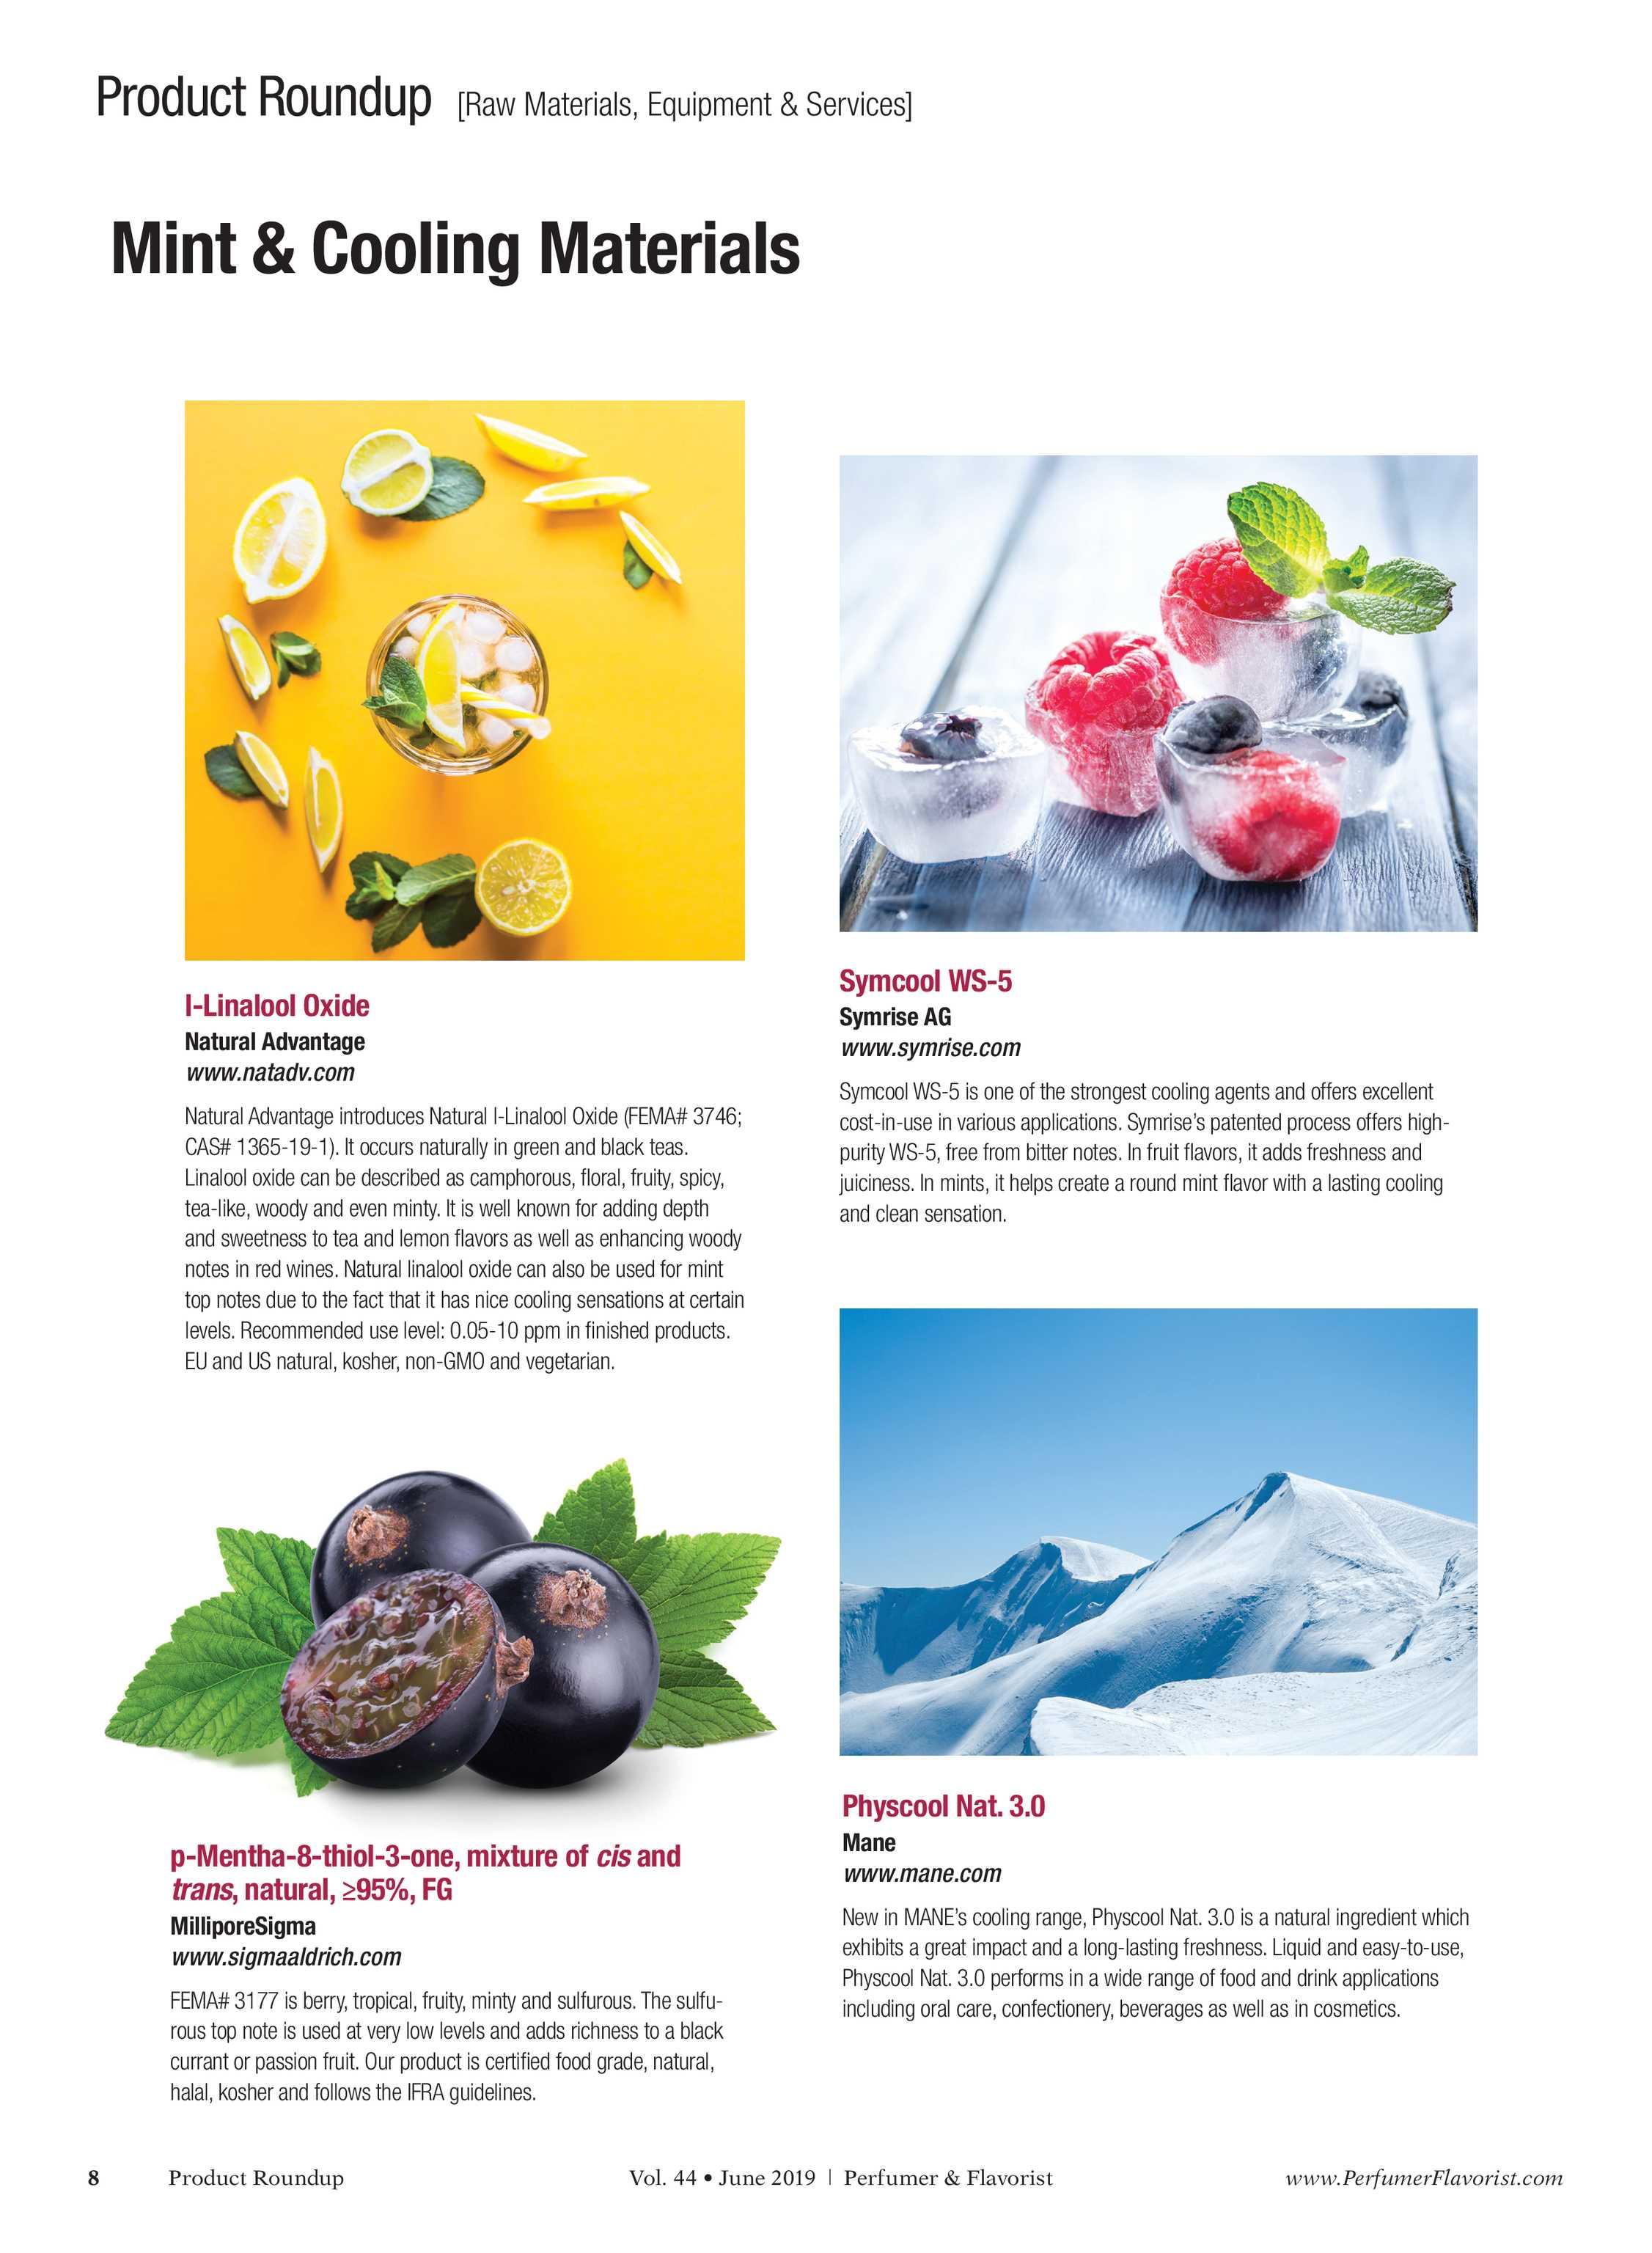 Perfumer & Flavorist - June 2019 - page 8